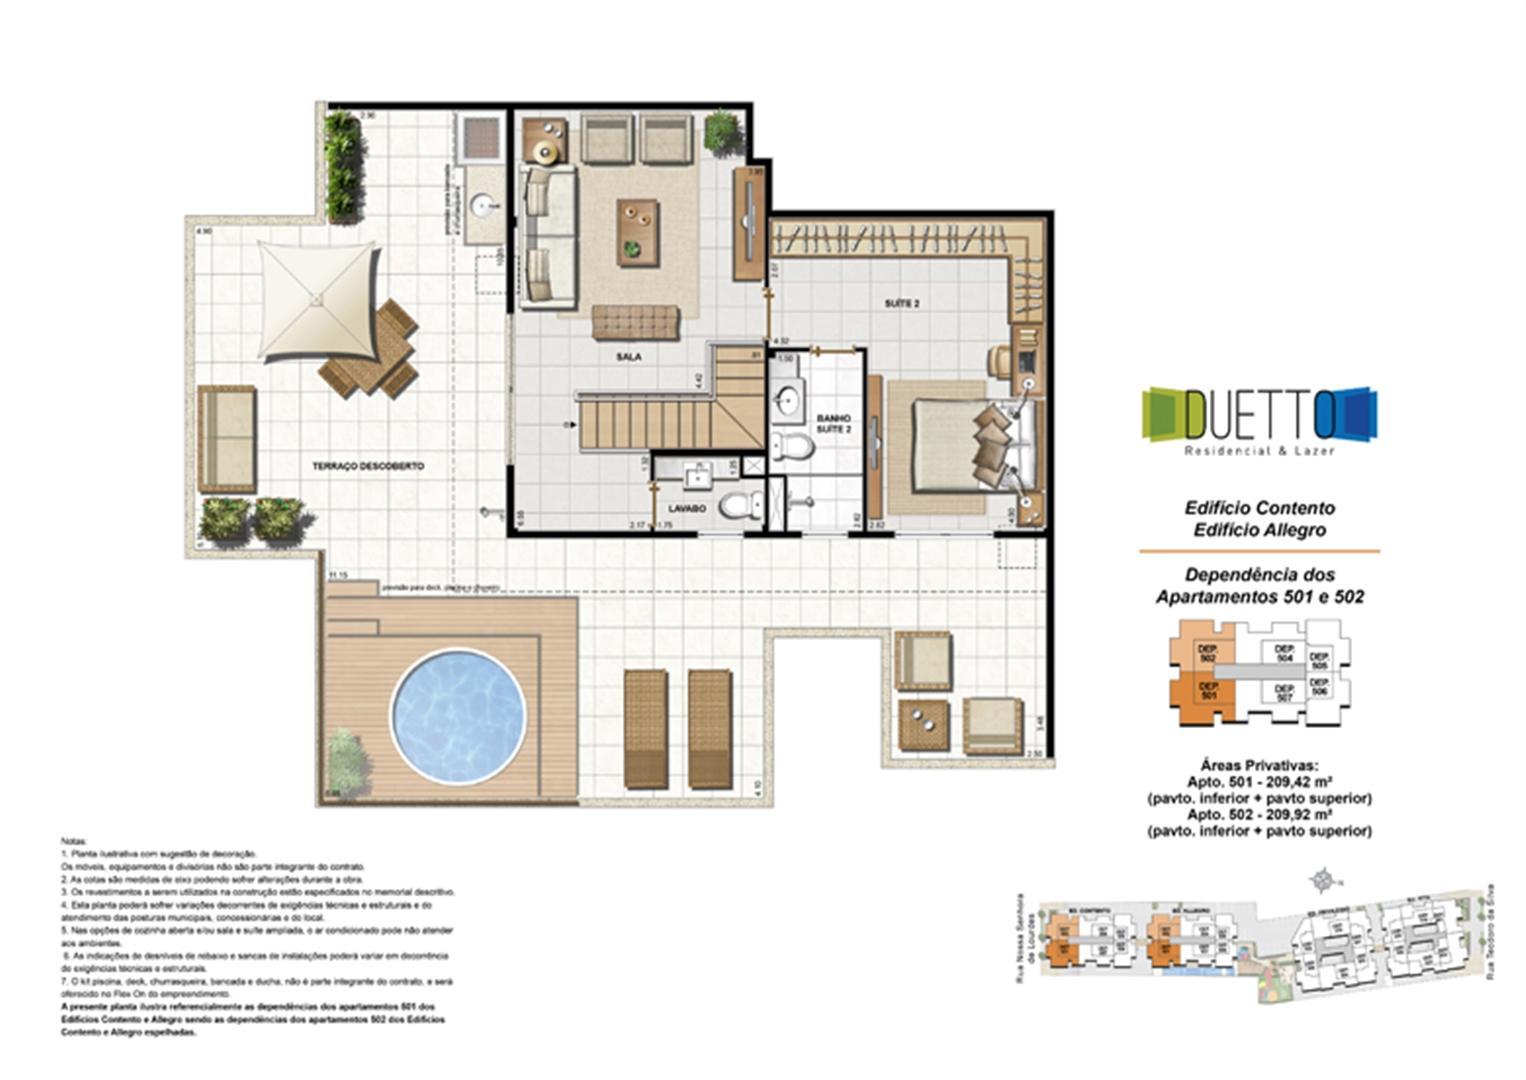 Cobertura Duplex - 3 Quartos com suíte - 209m² - pavto Inferior + pavto superior (2) | Duetto Residencial & Lazer – Apartamento no  Grajaú - Rio de Janeiro - Rio de Janeiro